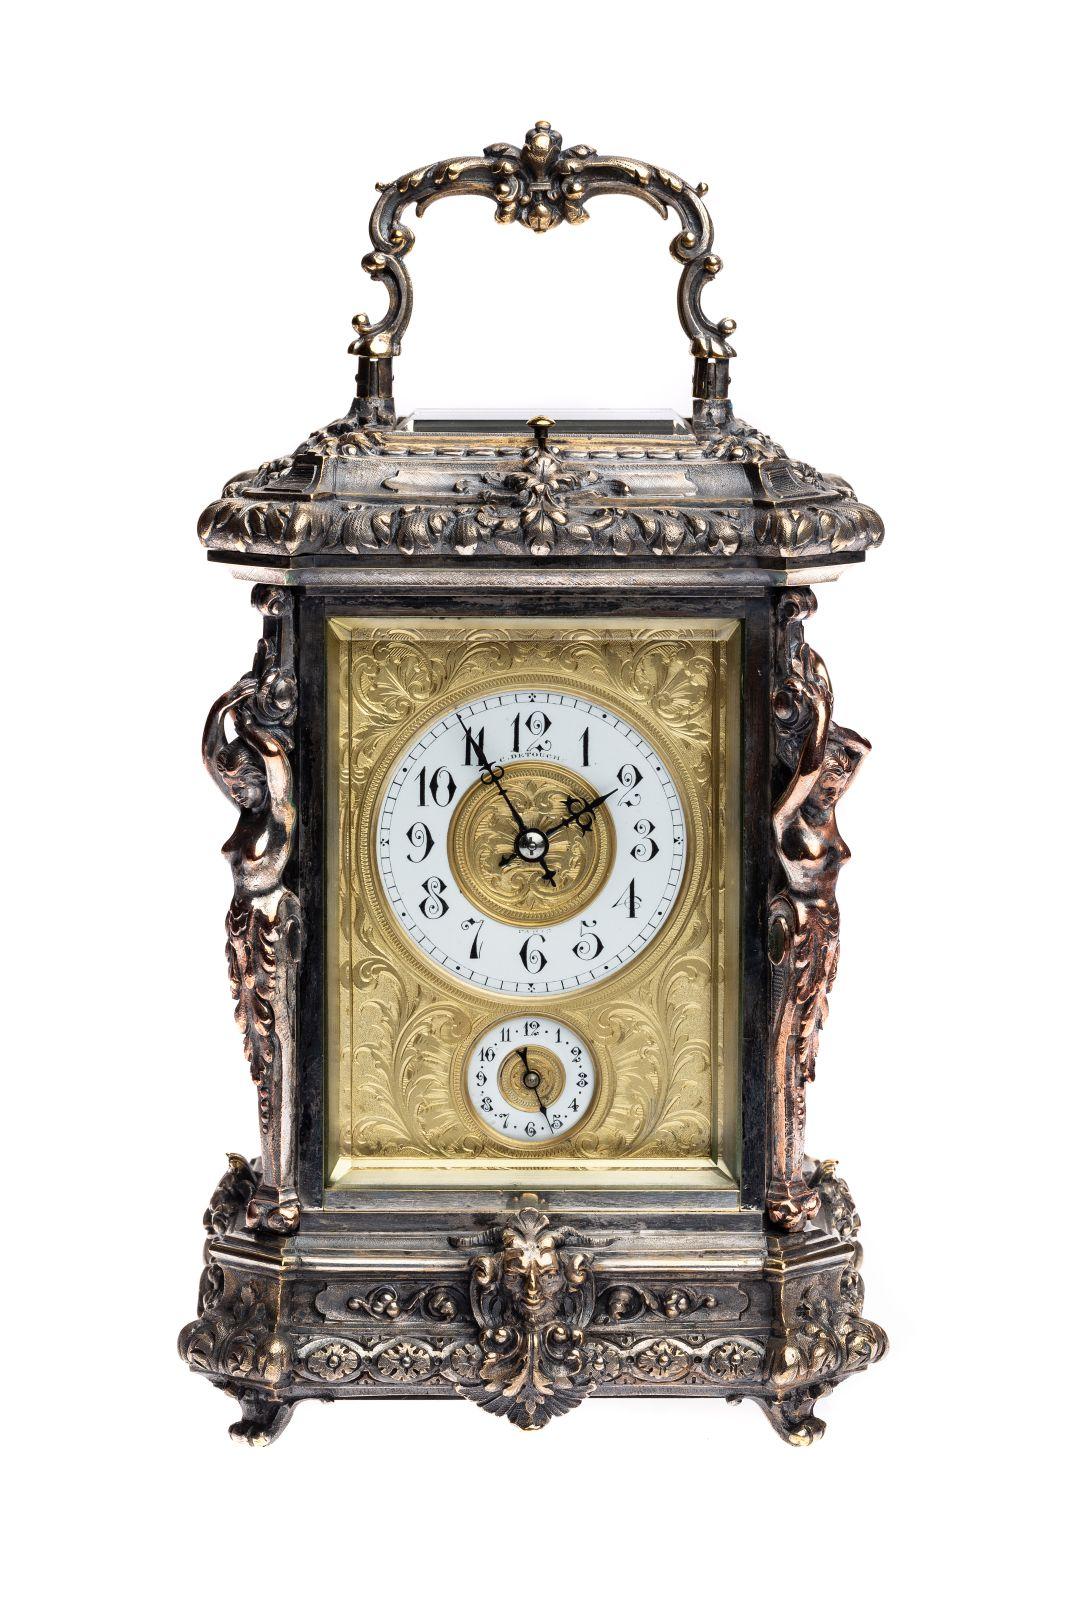 #20 Travel clock Paris 1880 | Reiseuhr Paris 1880 Image